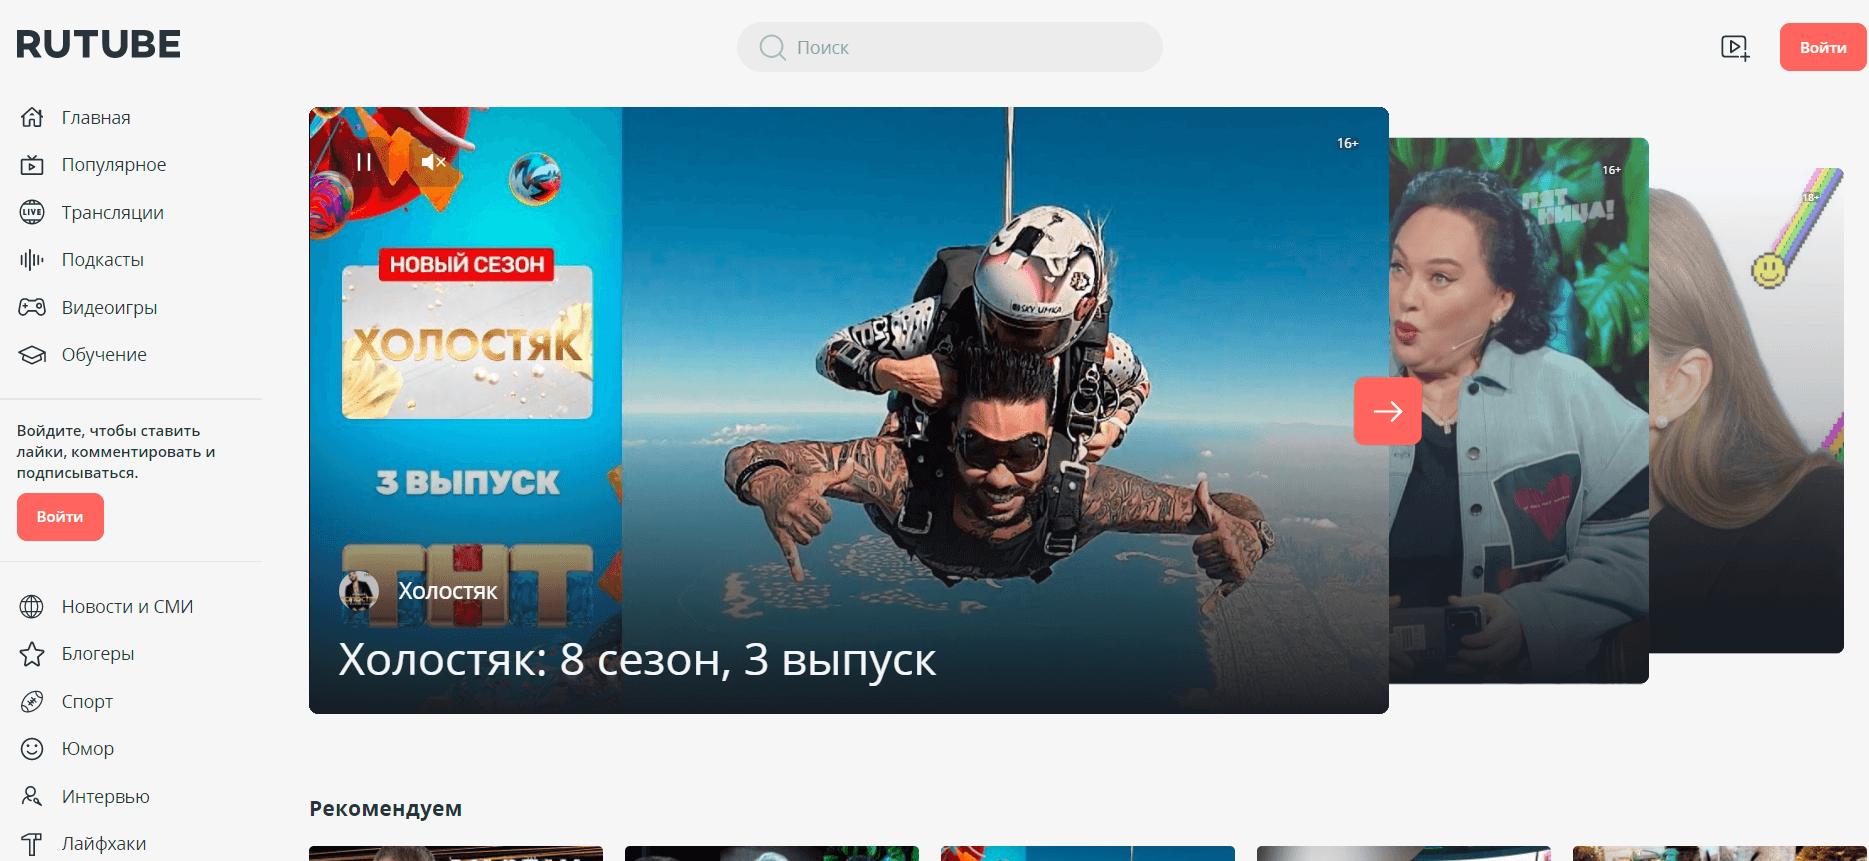 Новая версия Rutube. Скриншот: rutube.ru